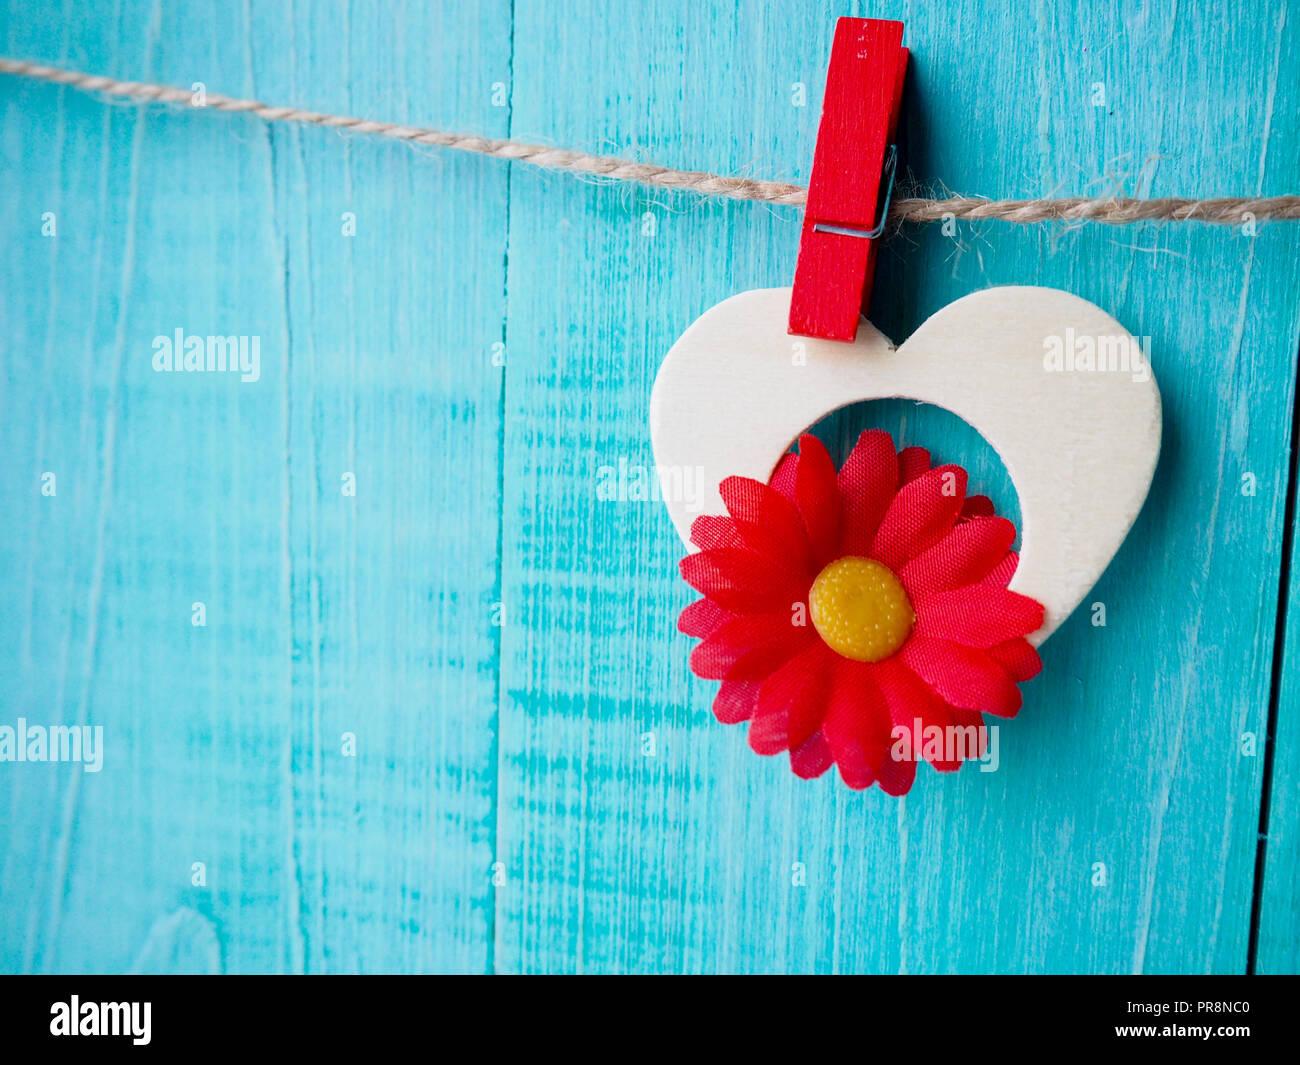 Vichy amour Saint Valentin coeurs rouge et cordon naturel suspendu à clips driftwood rustique texture background, copiez l'espace. Photo Stock